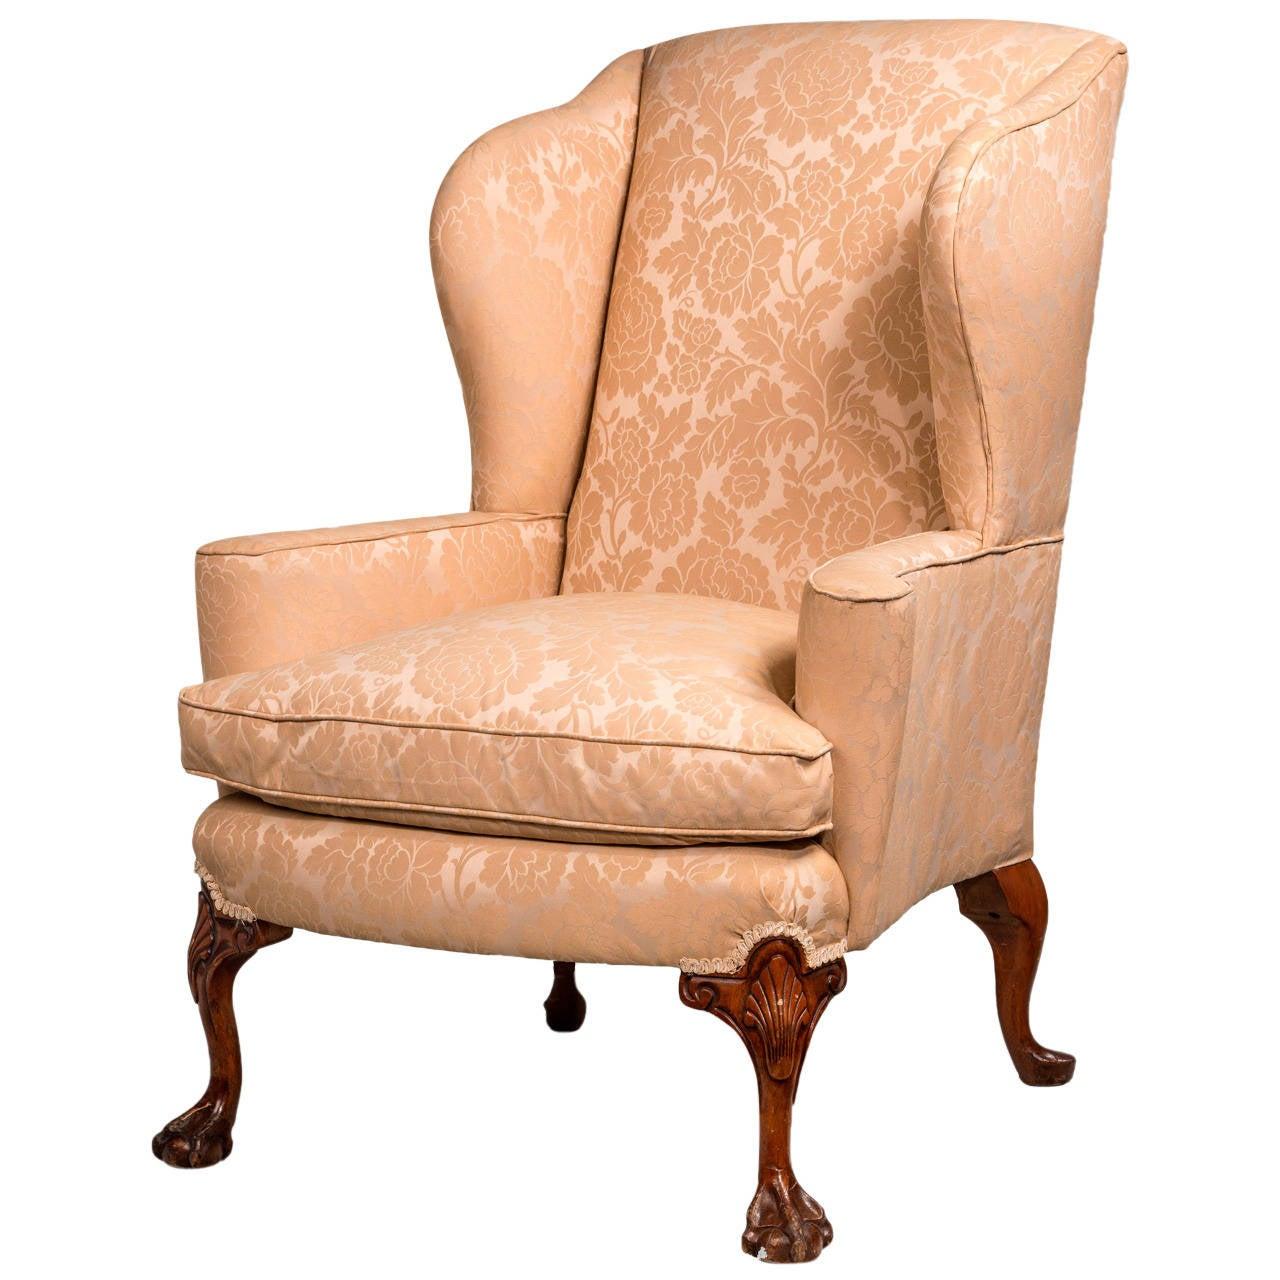 George II Design Walnut-Framed Wing Chair